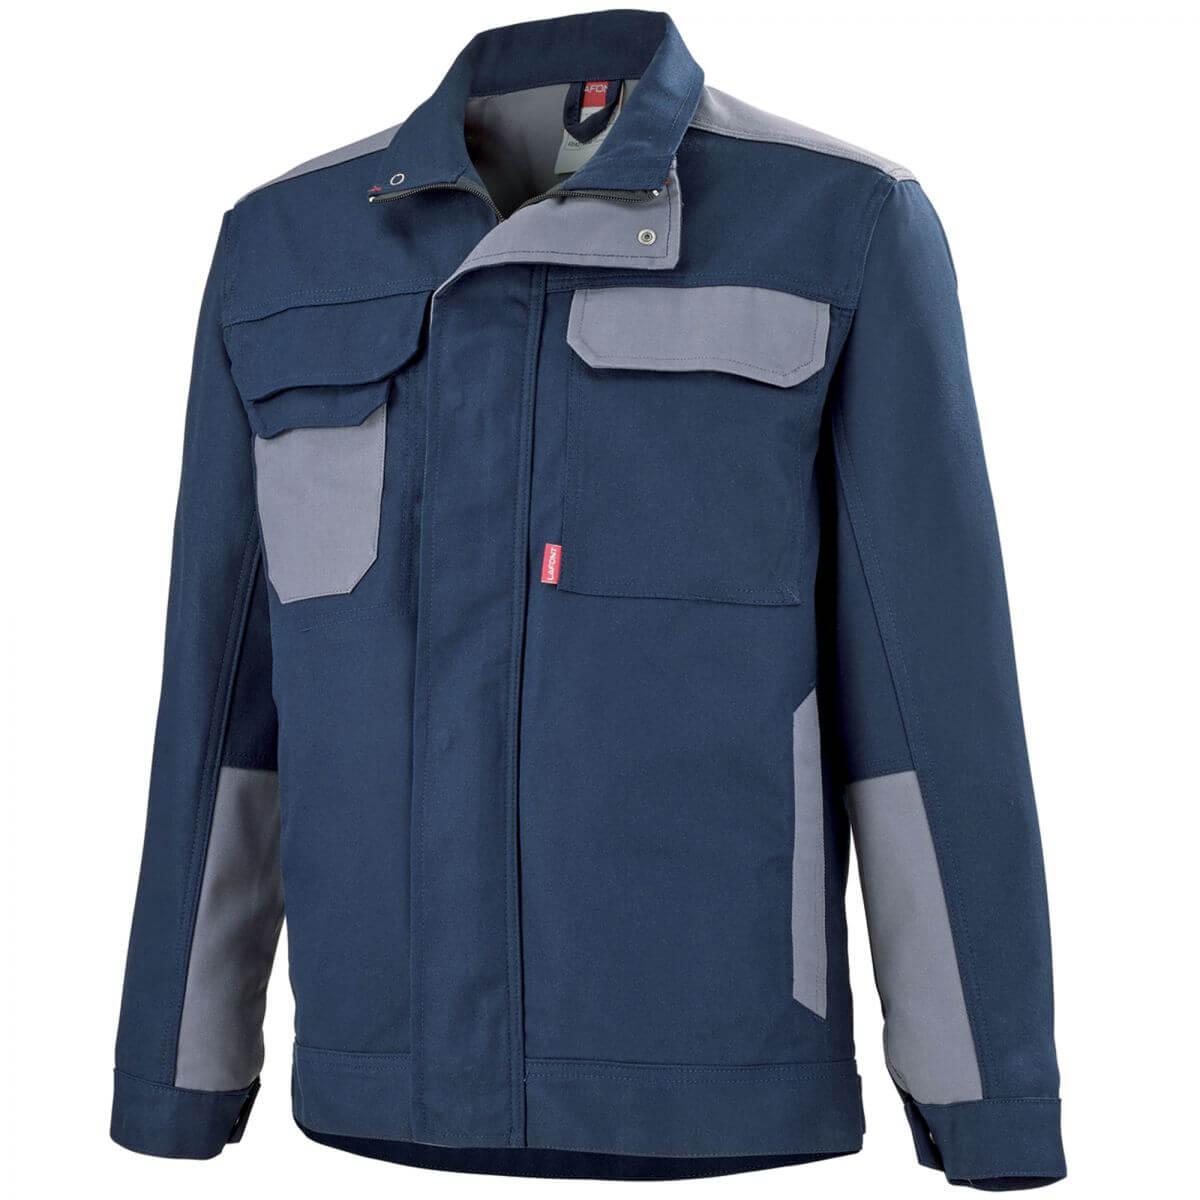 blouson de travail bleu marine et gris adolphe lafont vestes et blousons de travail. Black Bedroom Furniture Sets. Home Design Ideas